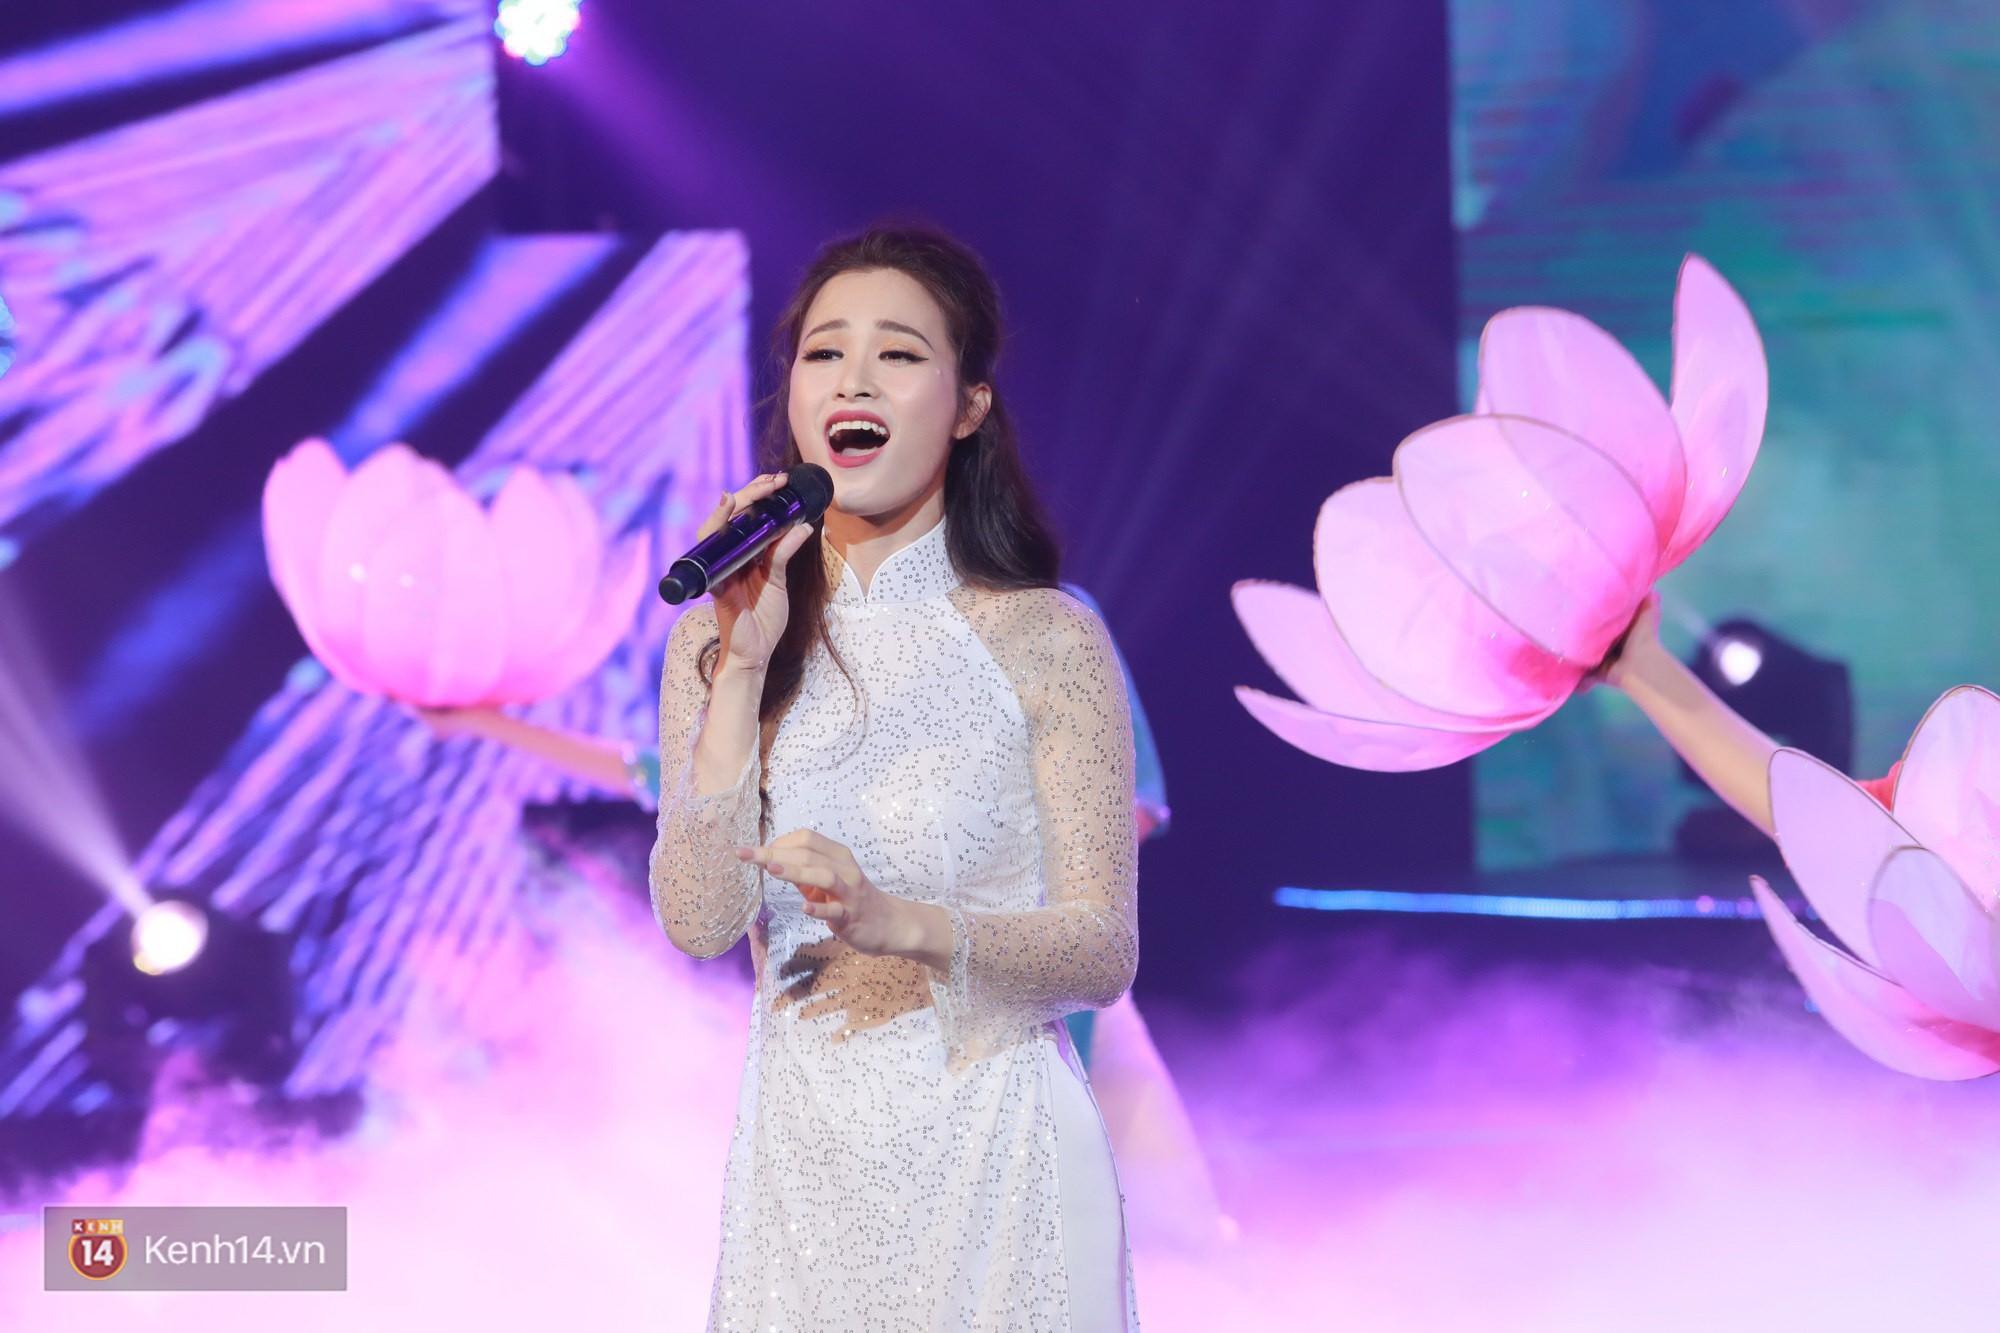 Đông Nhi đằm thắm với áo dài trắng, Hoa hậu Hương Giang biểu diễn trong quân phục chiến sĩ - Ảnh 1.